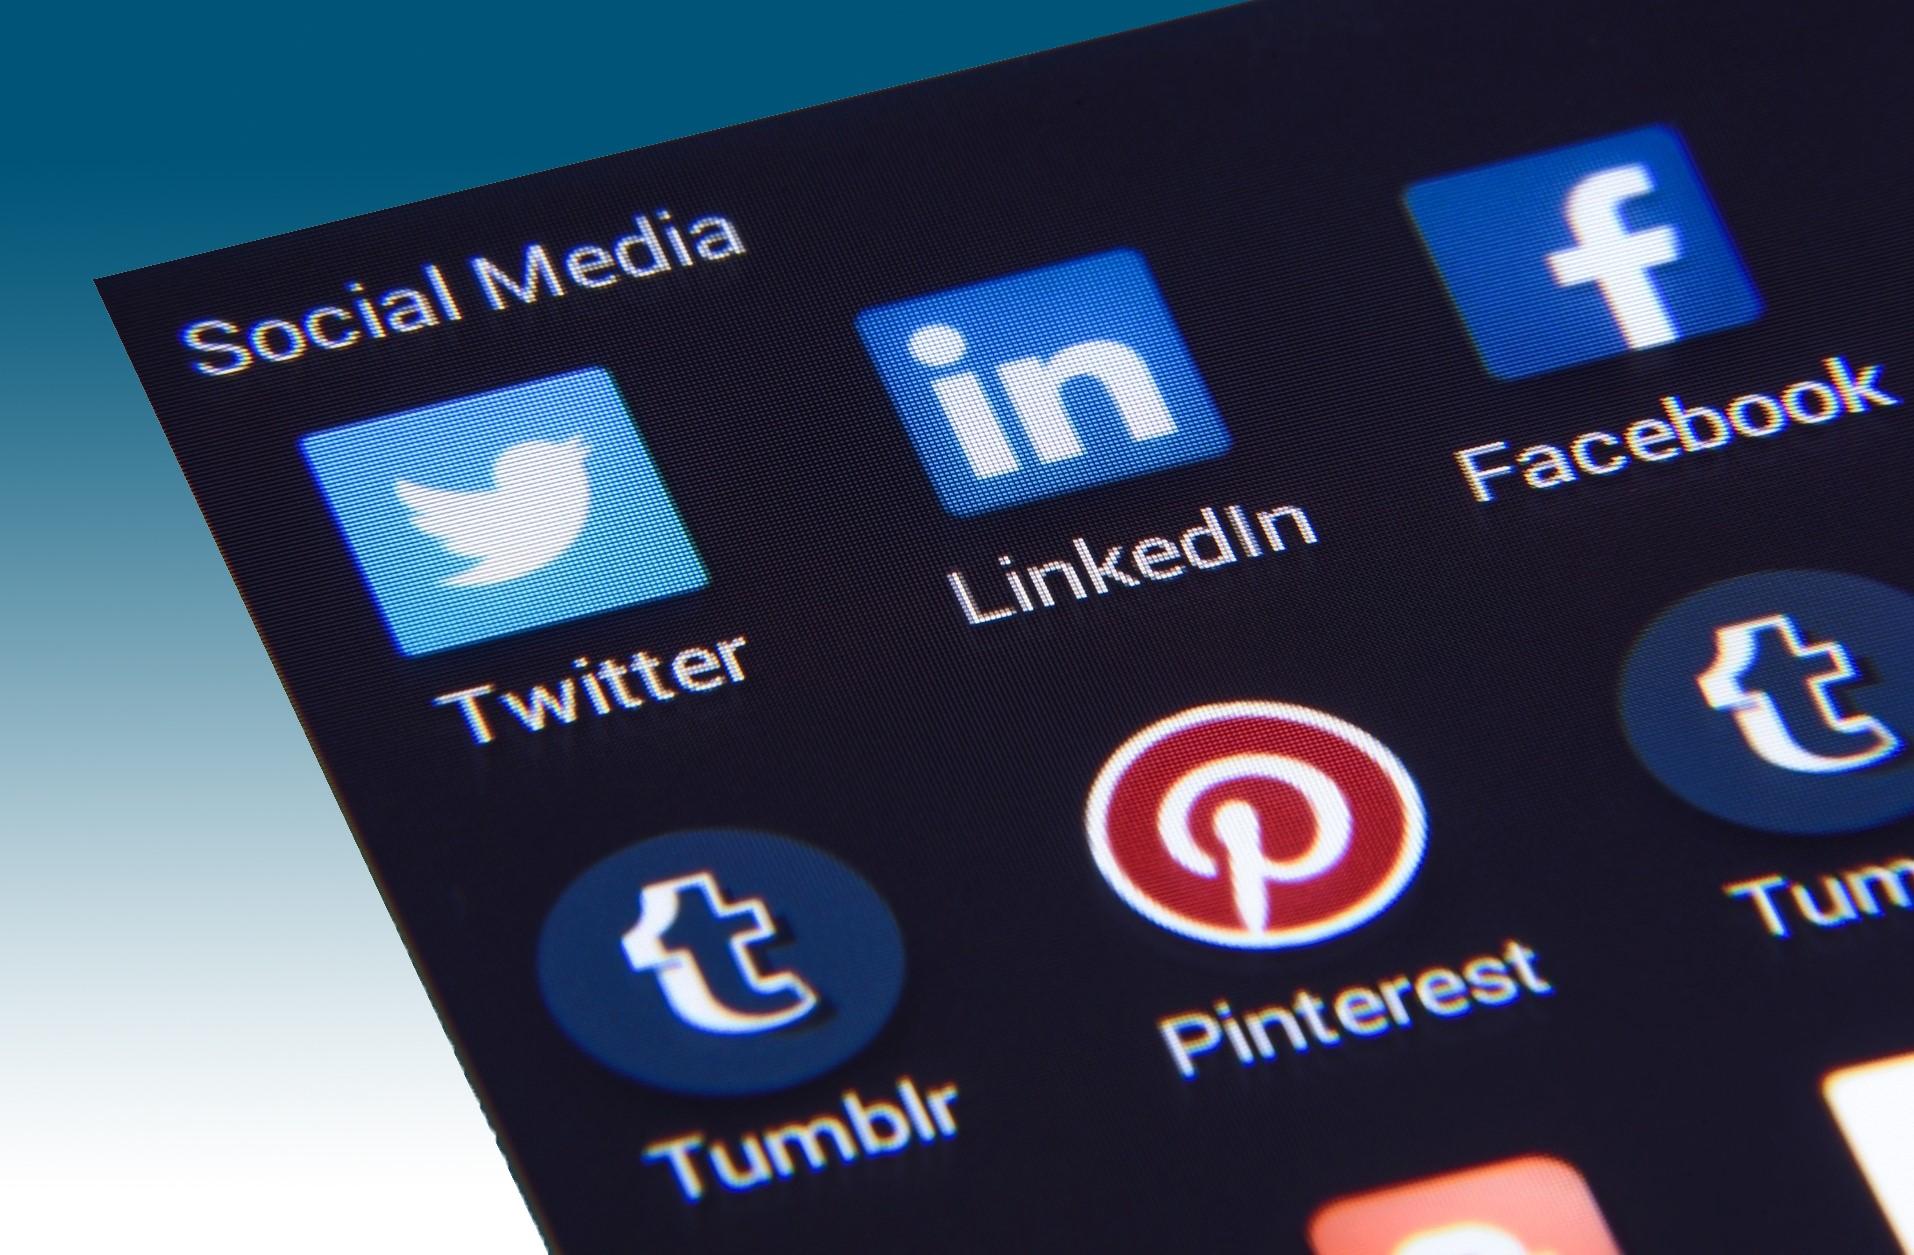 Beispiele für Flat Design Logos aus dem Social-Media-Bereich